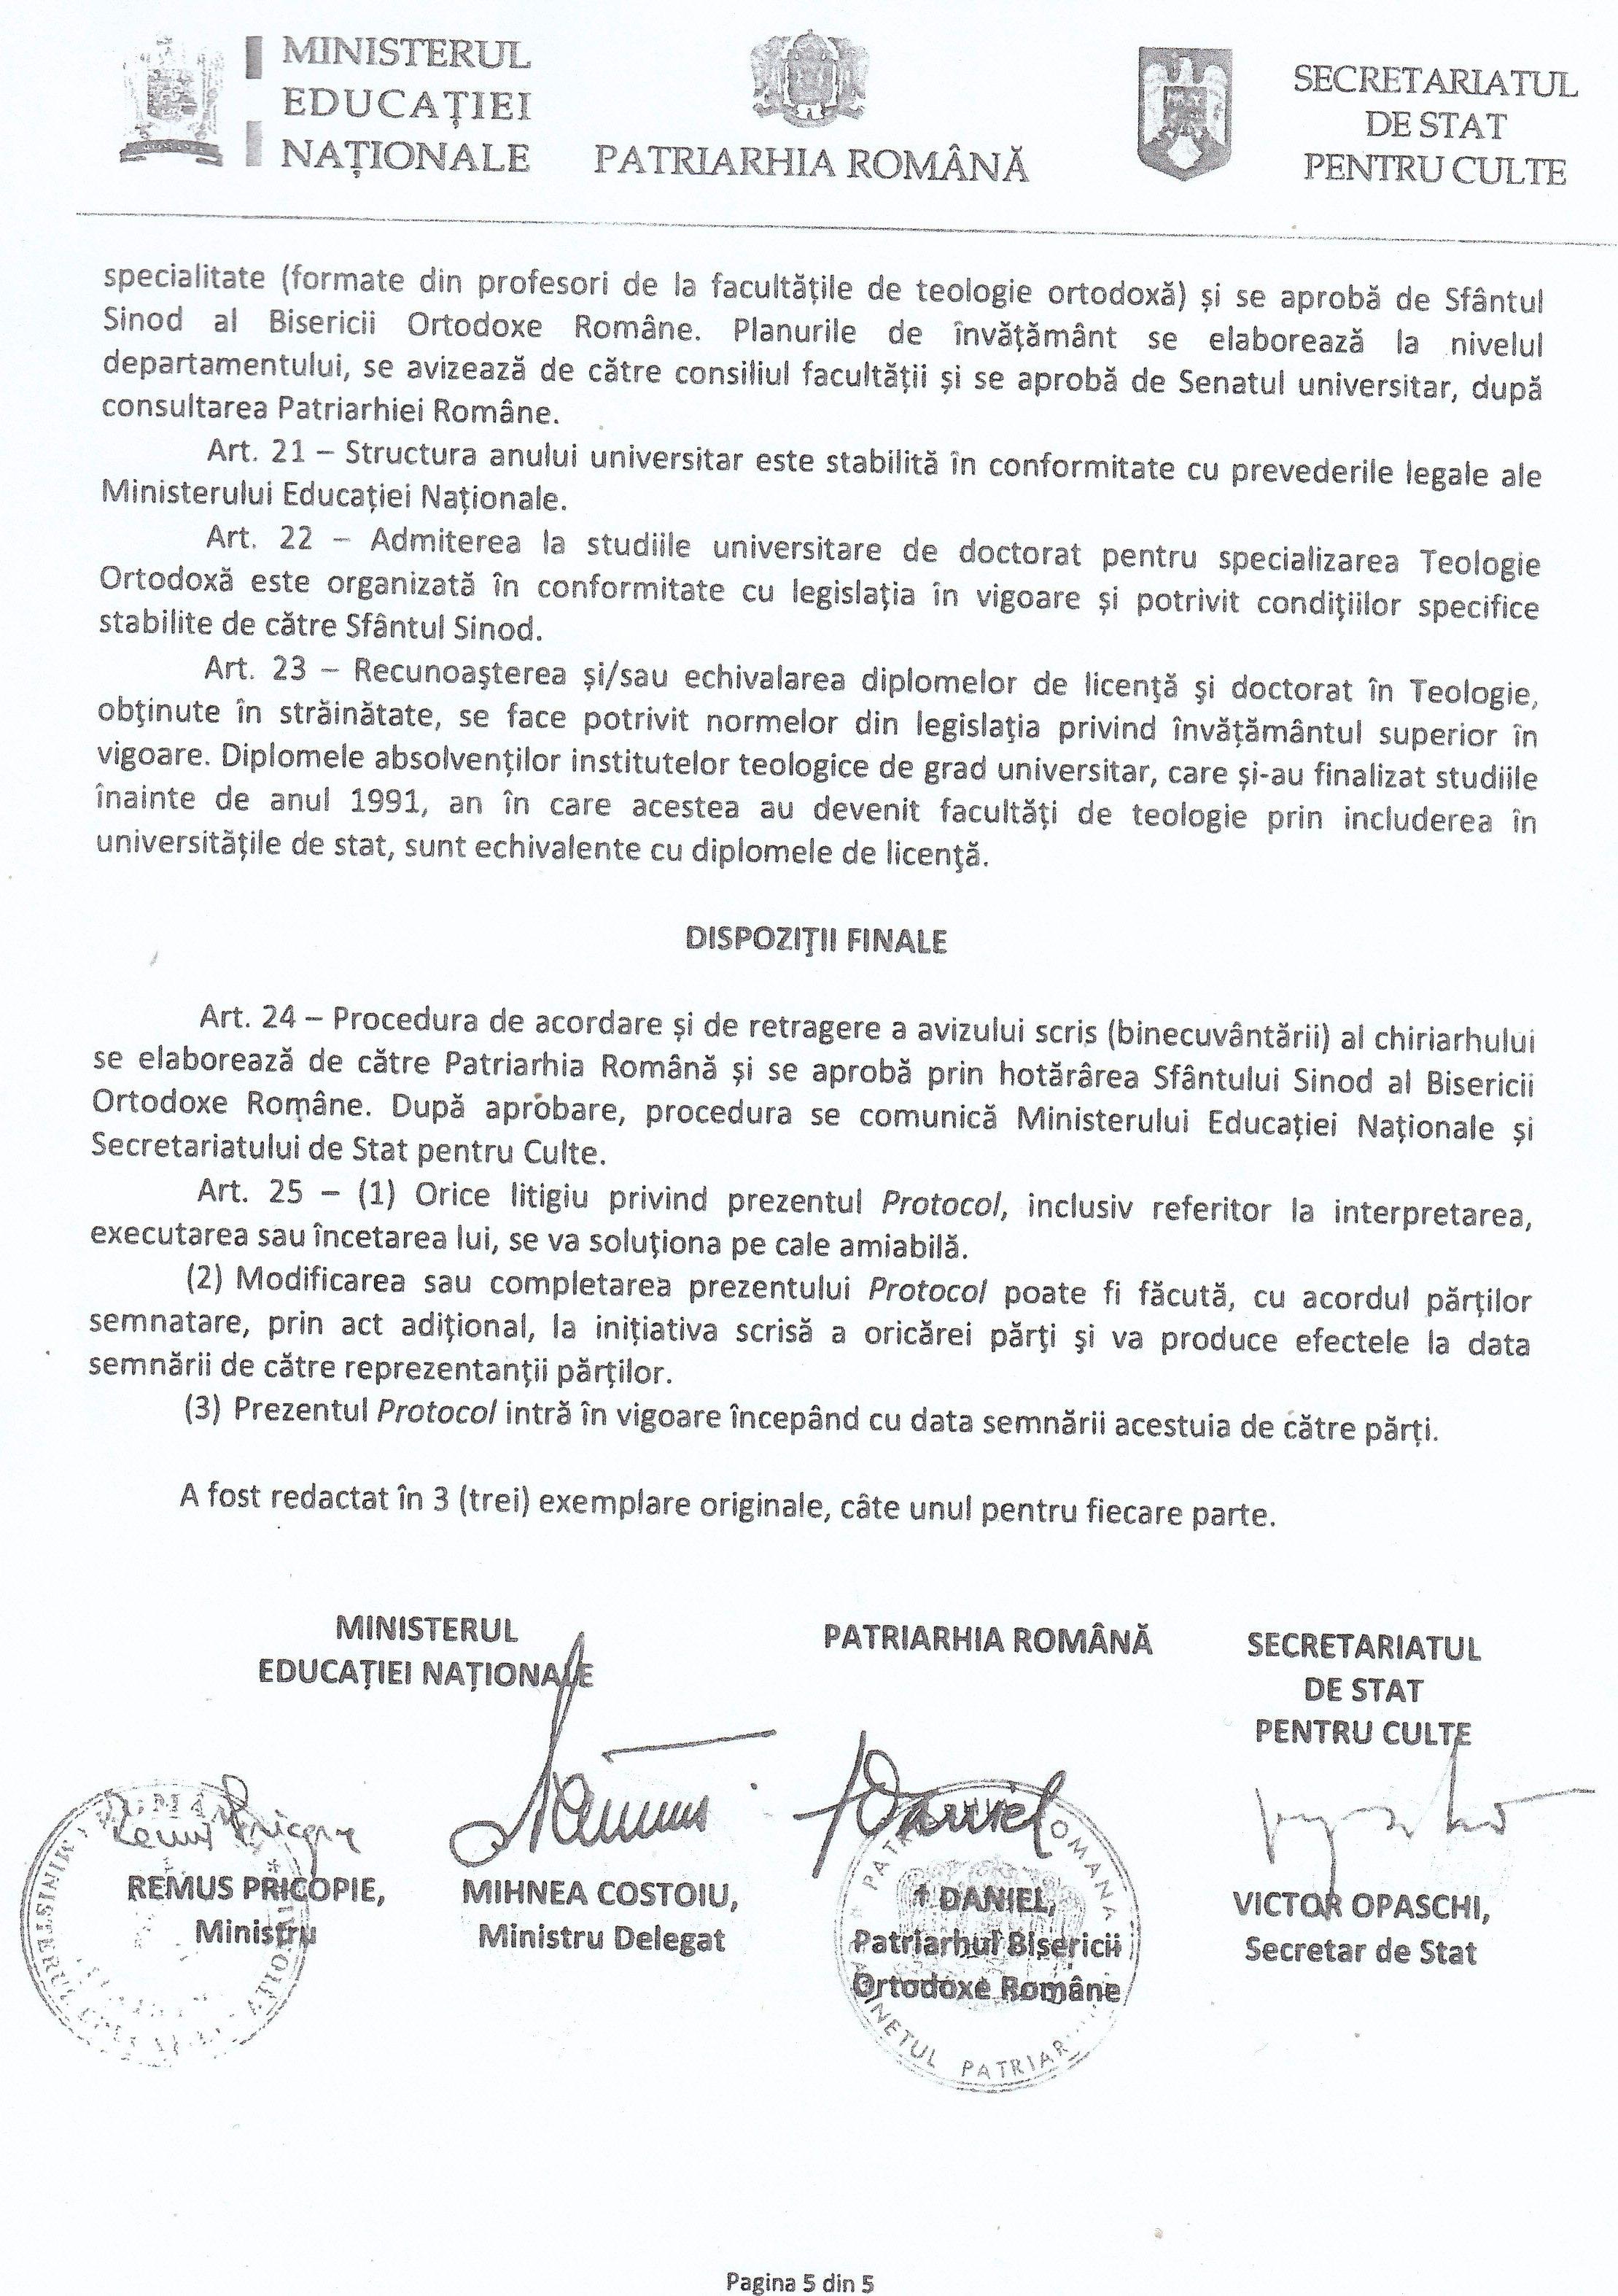 Semnatarii Protocolului.